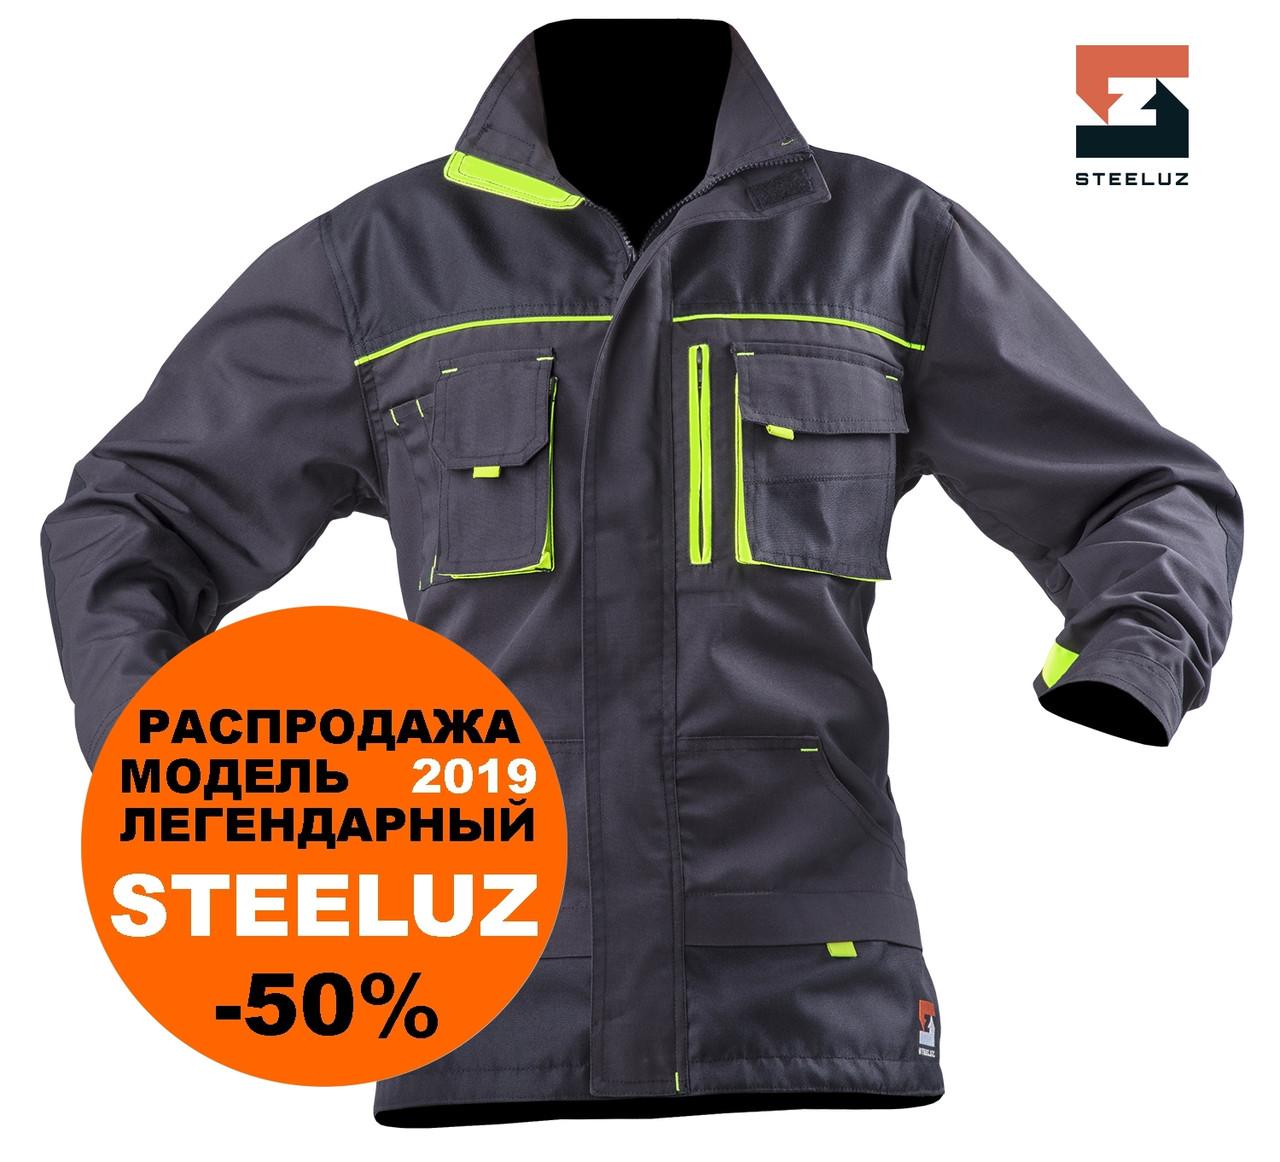 Куртка рабочая SteelUZ с салатовой отделкой, модель 2019, рост 180-190 см